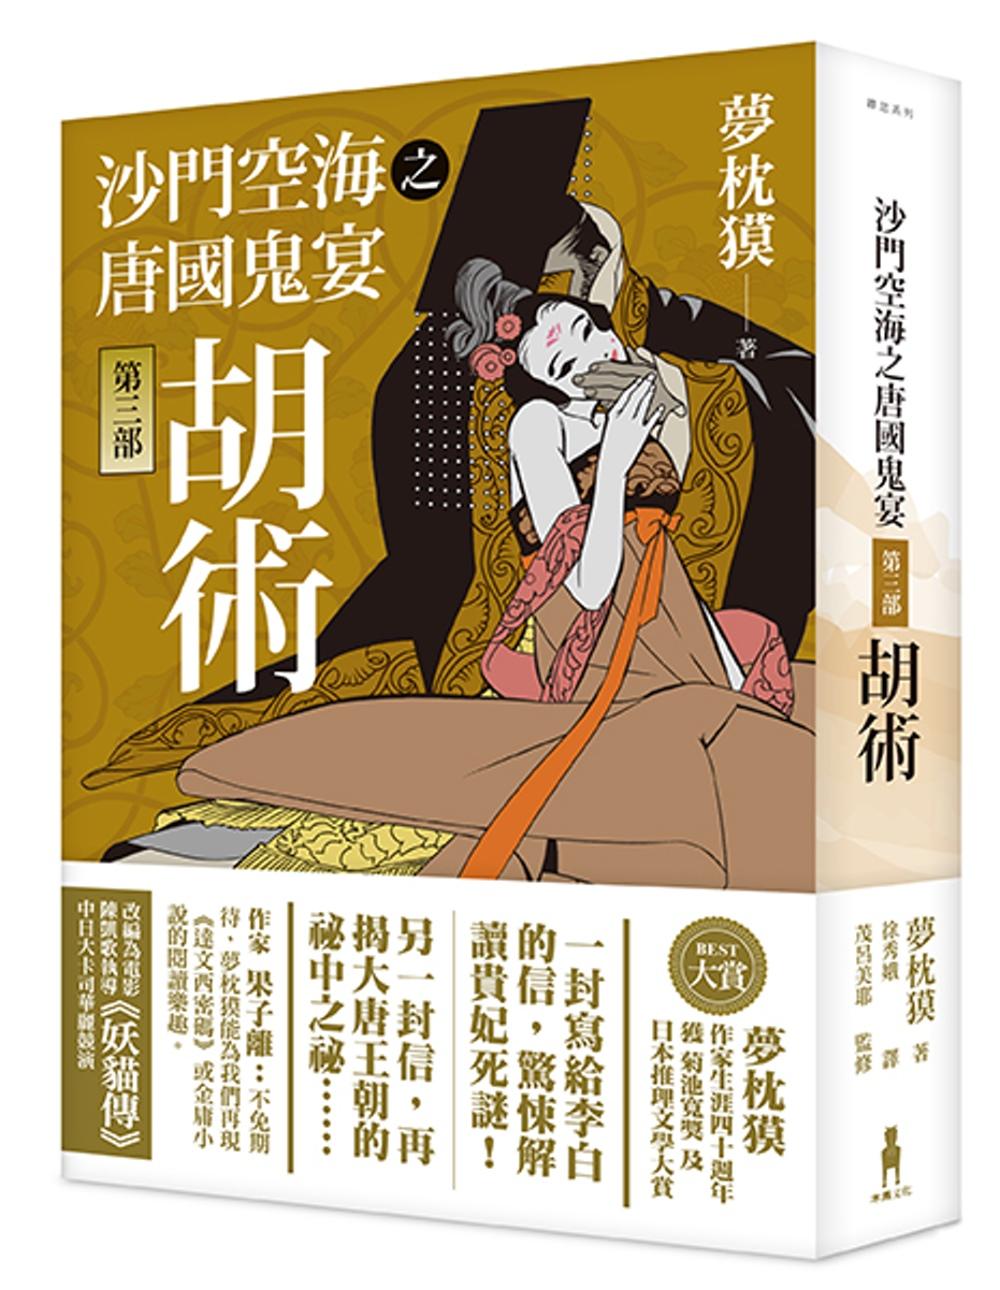 沙門空海之唐國鬼宴【第三部】 胡術